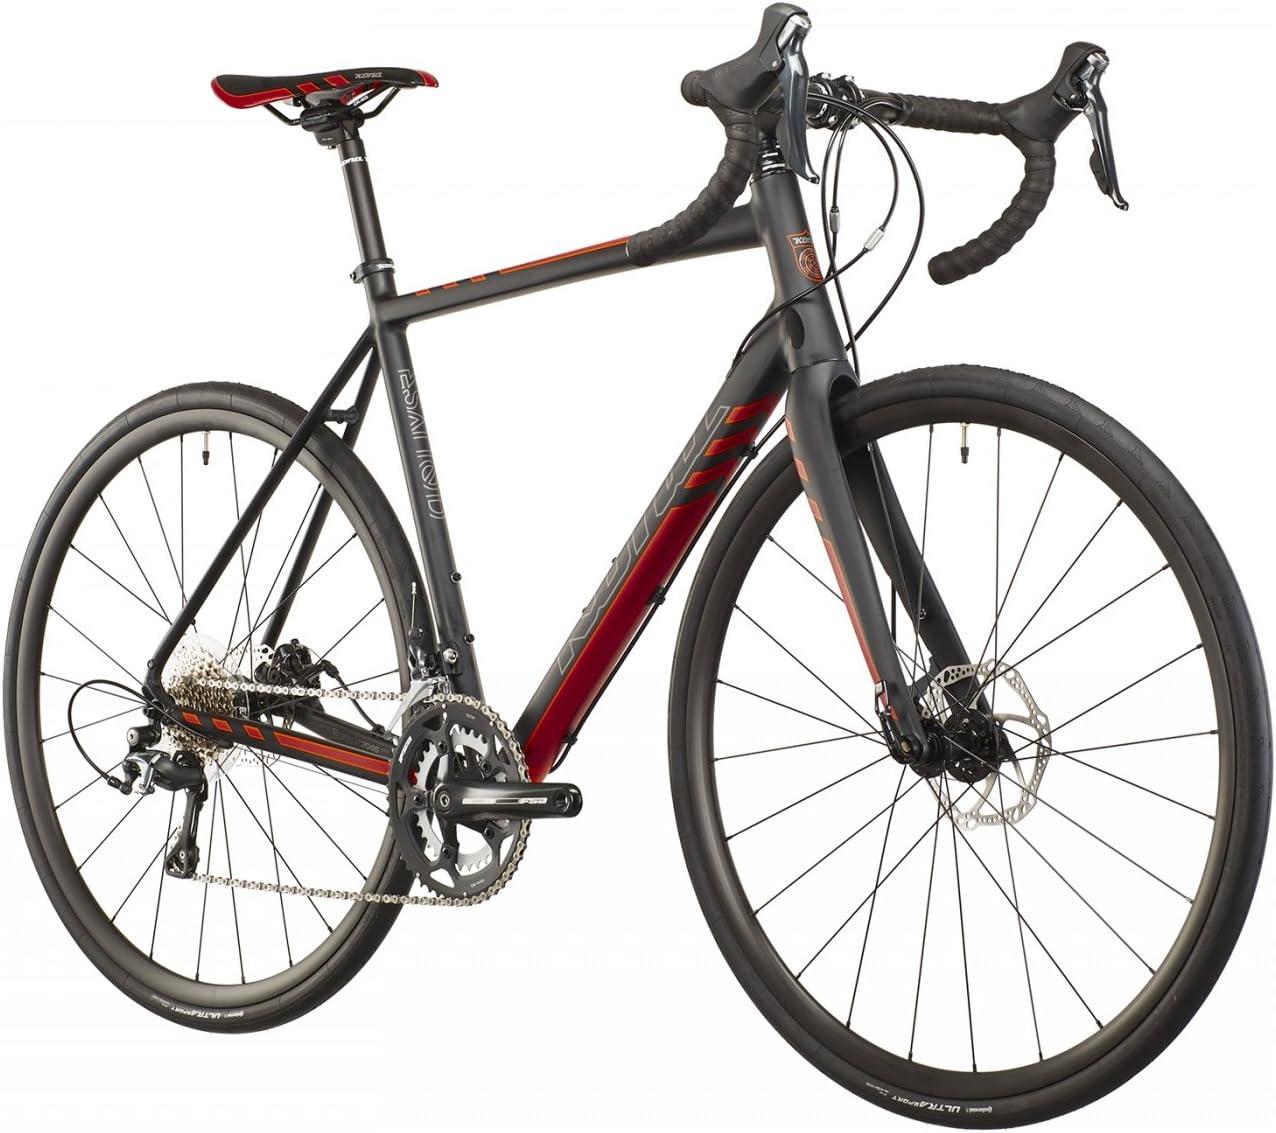 Kona Esatto Disc - Bicicleta Carretera - negro Tamaño del cuadro ...